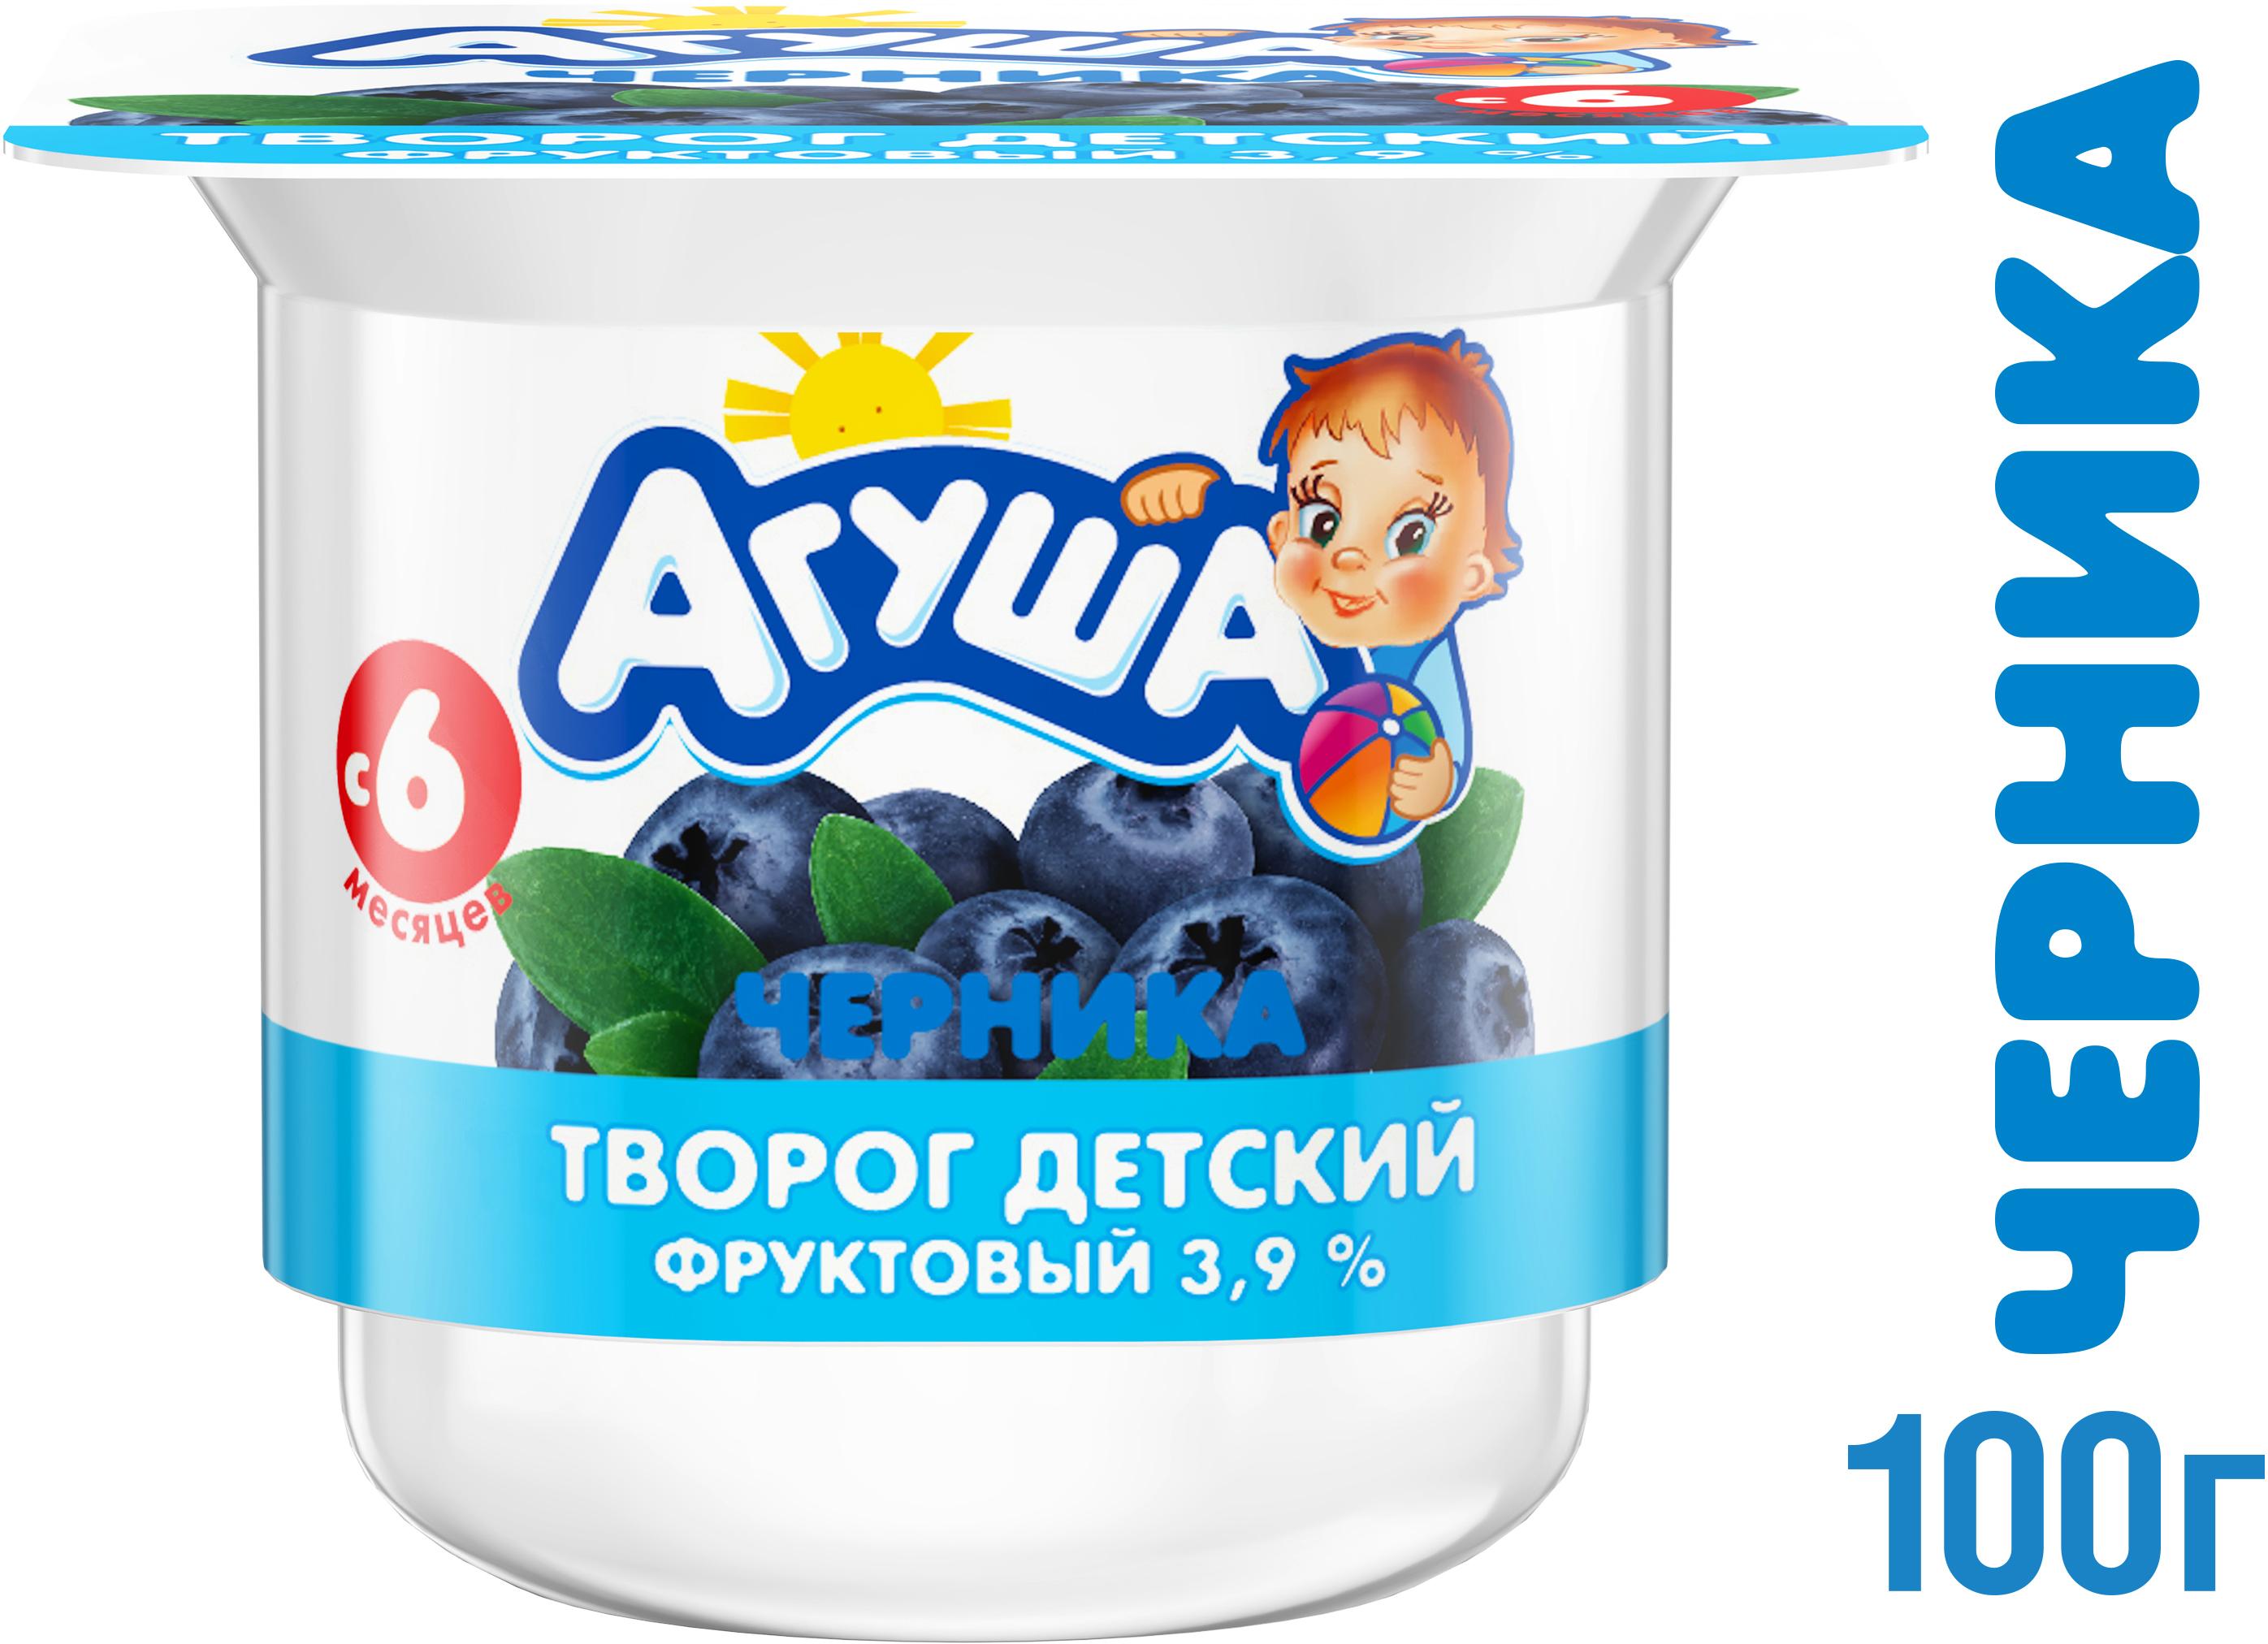 Молочная продукция Агуша Творог Агуша Черника 3,9% с 6 мес. 100 г молочная продукция агуша молоко стерилизованное с пребиотиком 2 5% 200 мл